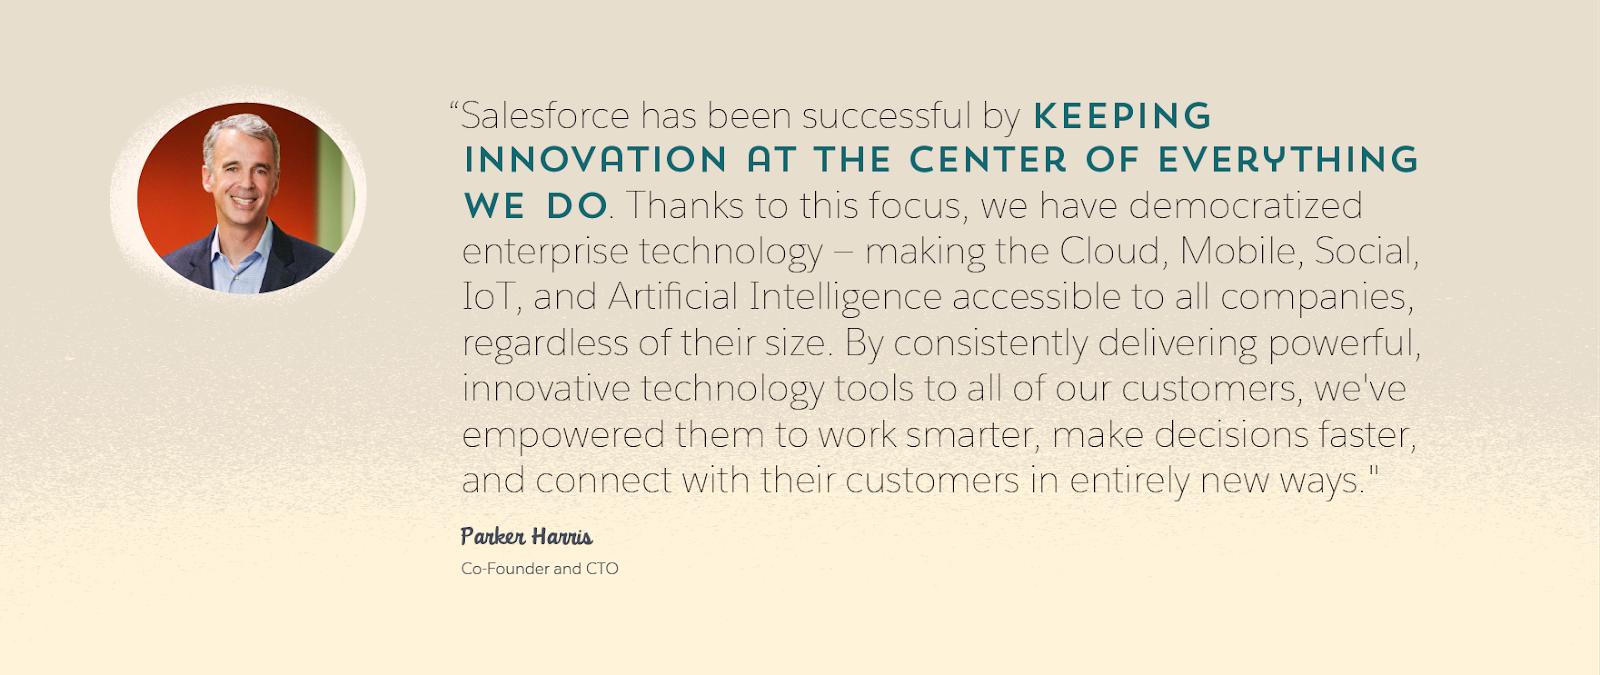 Salesforce の共同創業者兼 CTO である Parker Harris と、「Salesforce では、何を行うにも常にイノベーションを中心とすることで成功してきました。イノベーションに重点を置くことでエンタープライズテクノロジを「民主化」し、クラウド、モバイル、ソーシャル、IoT、人工知能をあらゆる企業がその規模に関係なくアクセスできるようにしました。強力で革新的なテクノロジツールを絶え間なくすべてのお客様に提供することで、お客様が仕事のスマート化や意思決定の迅速化を実現し、顧客とまったく新しい方法でつながることができるようにしました」という同氏の引用のグラフィック